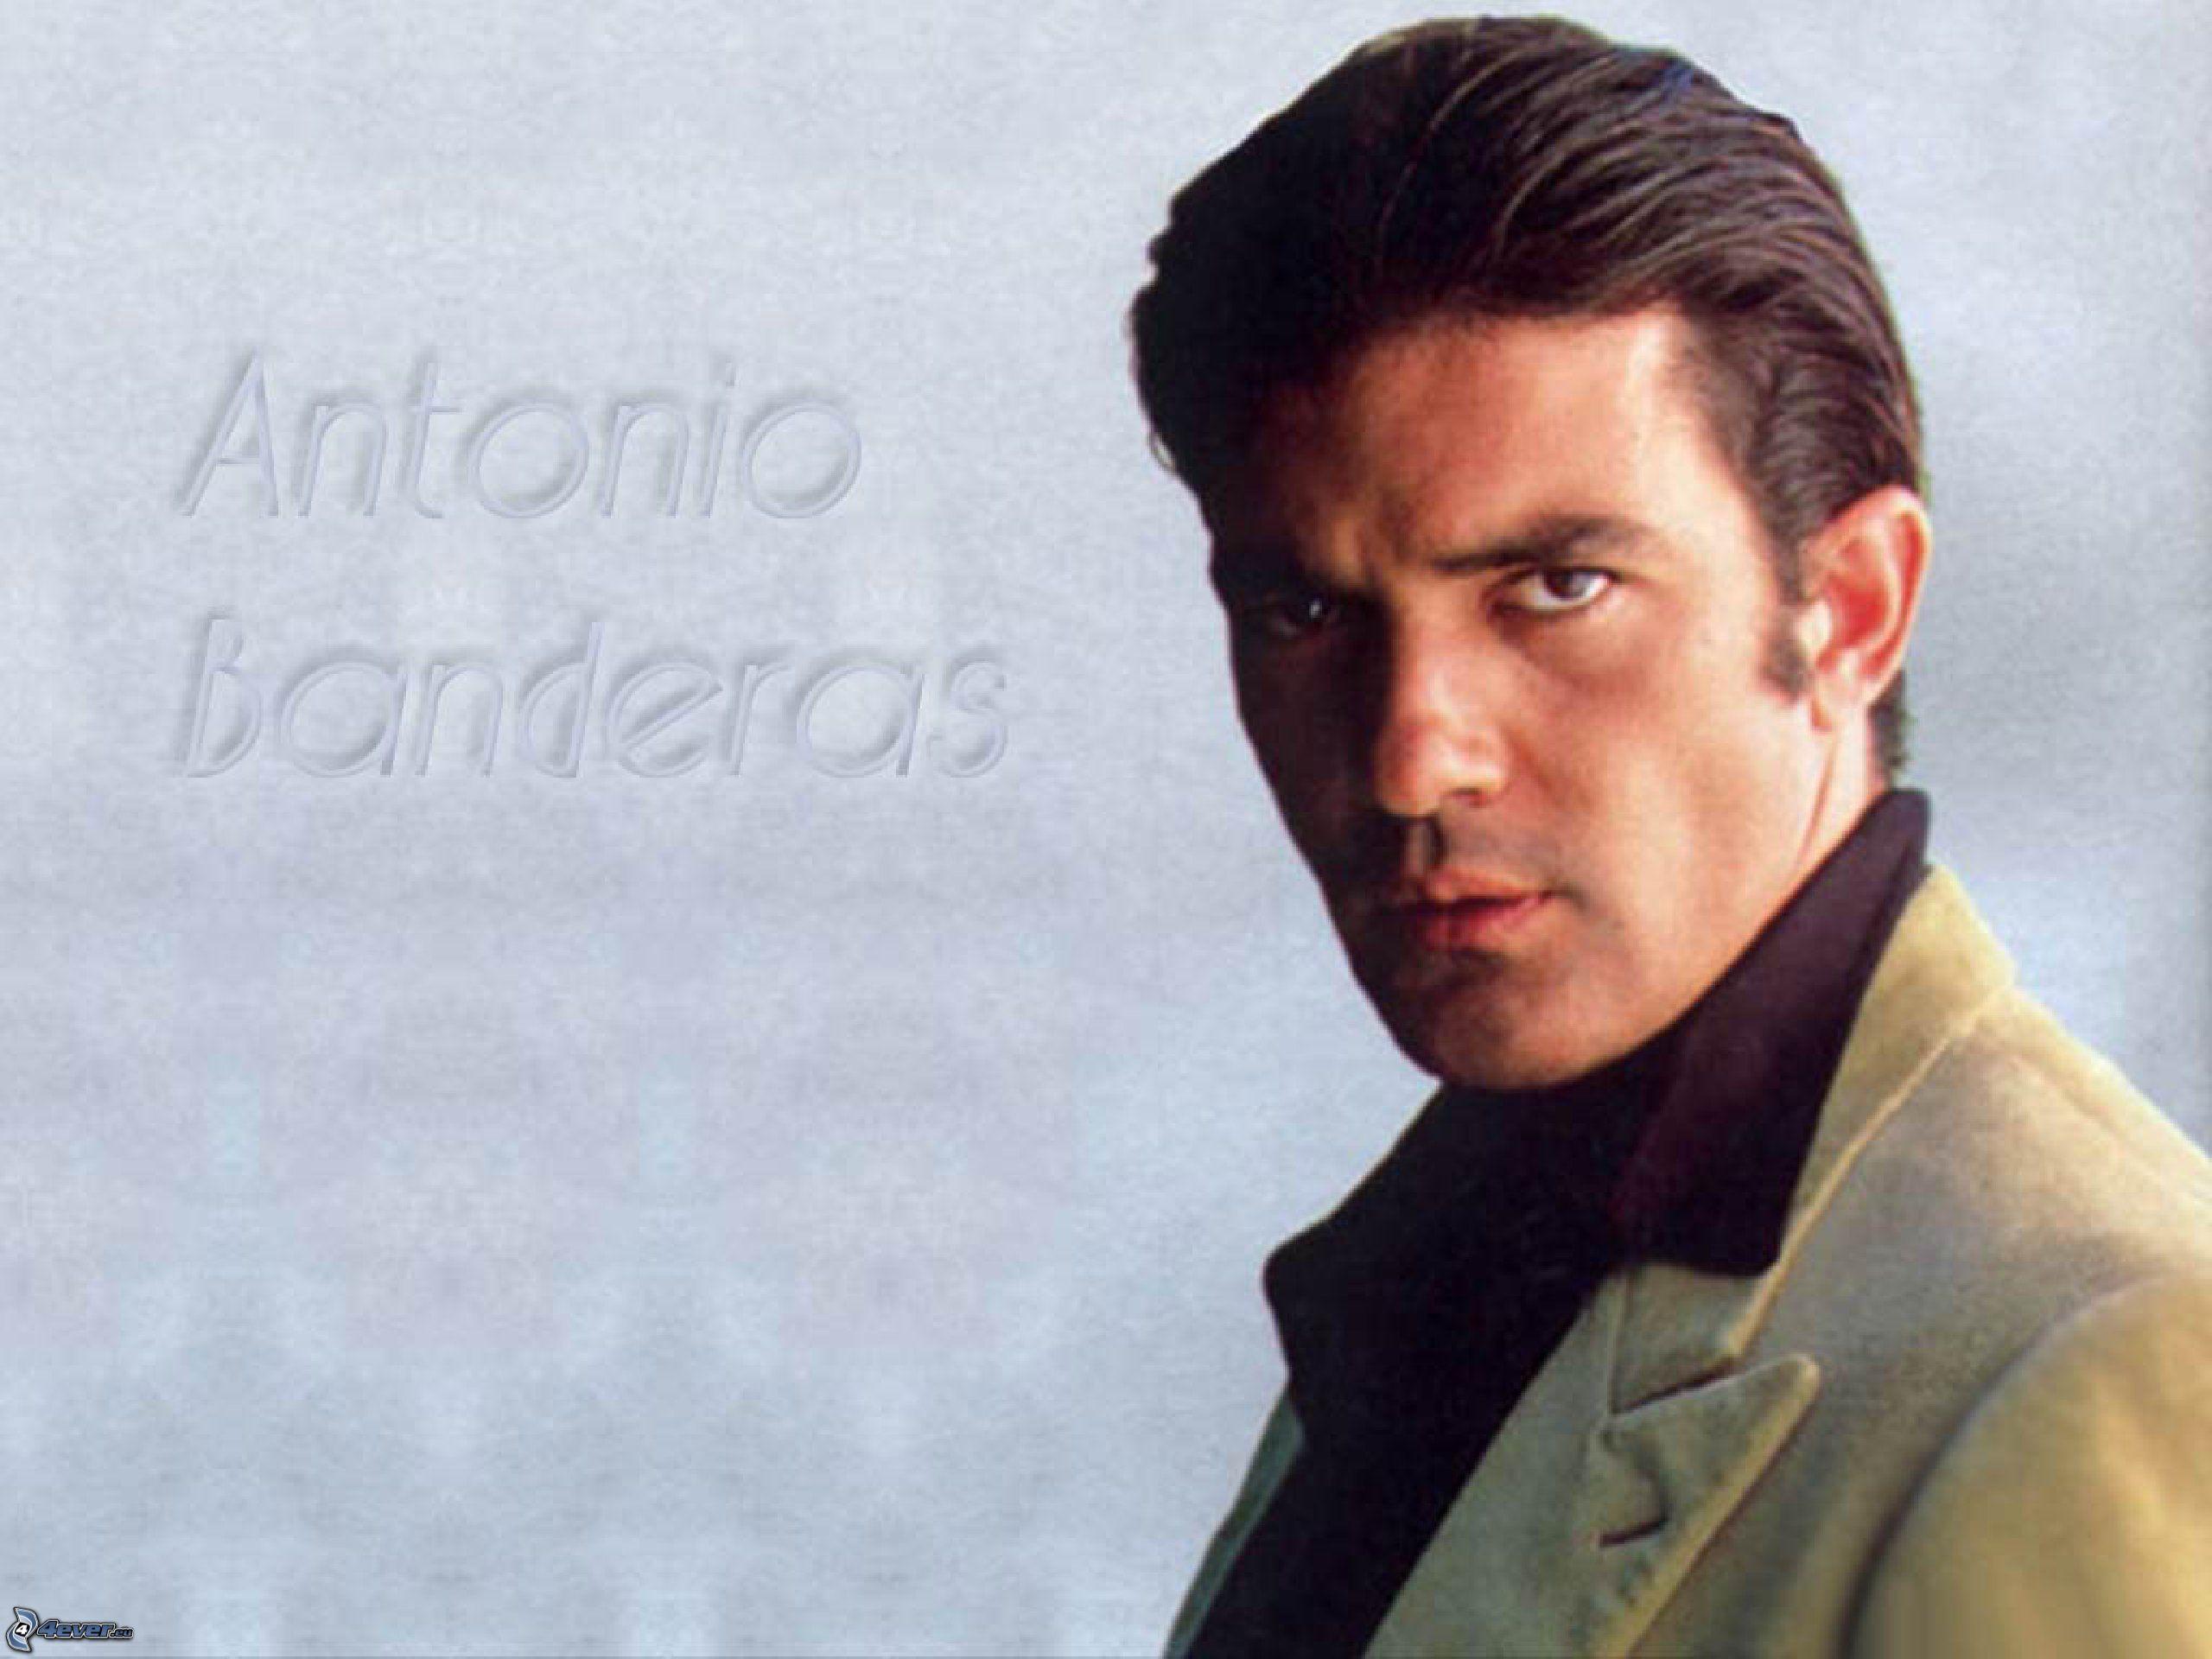 Antonio Banderas wallpaper 2560x1920 48852 2560x1920